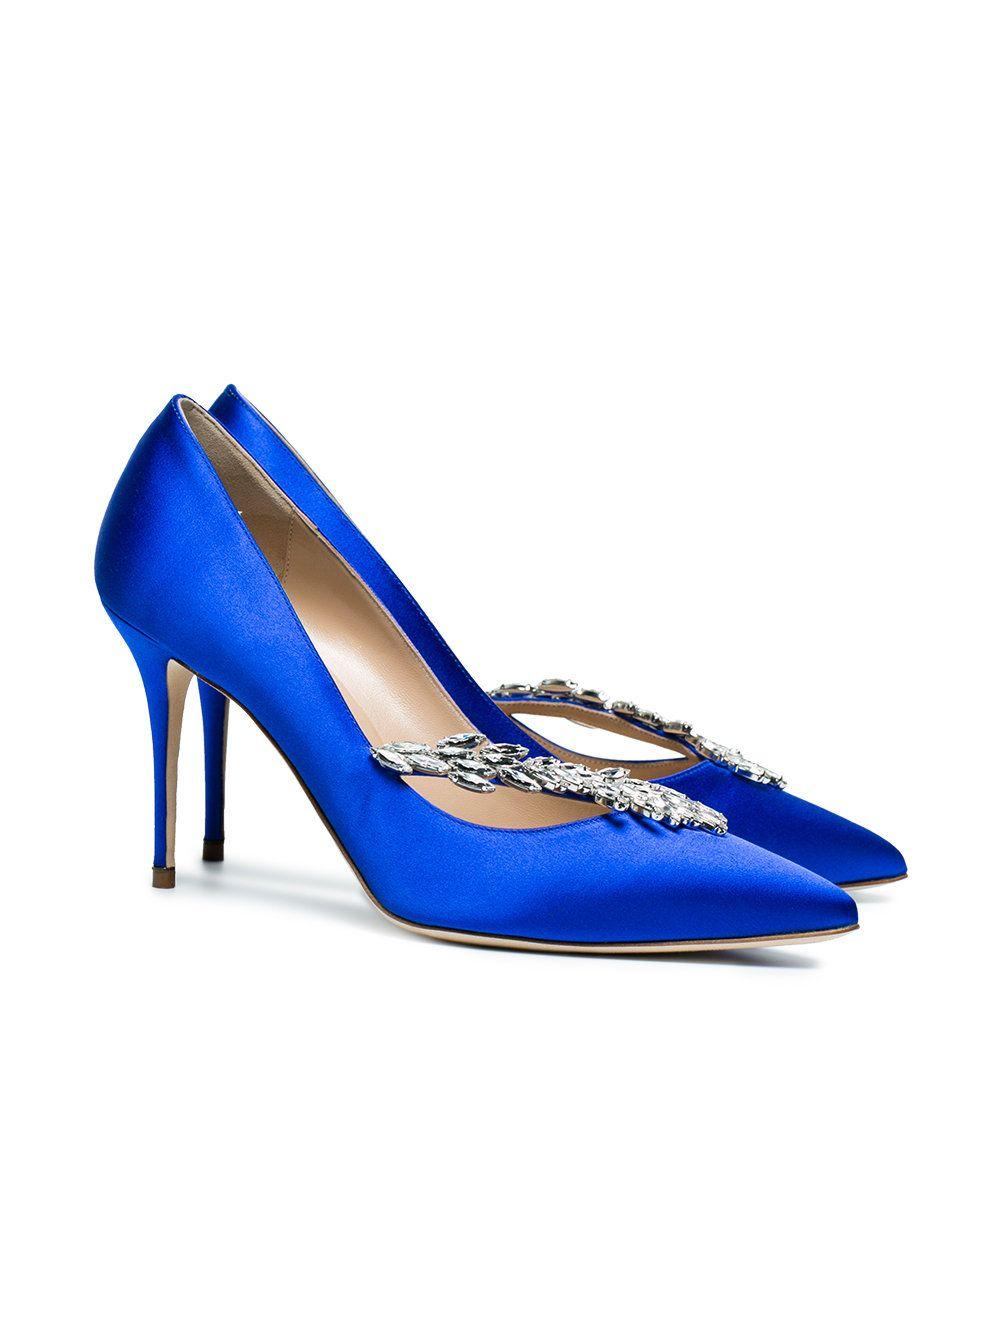 81bf5c4c8 Manolo Blahnik Blue Satin Nadira Jewel 90 Pumps - Farfetch